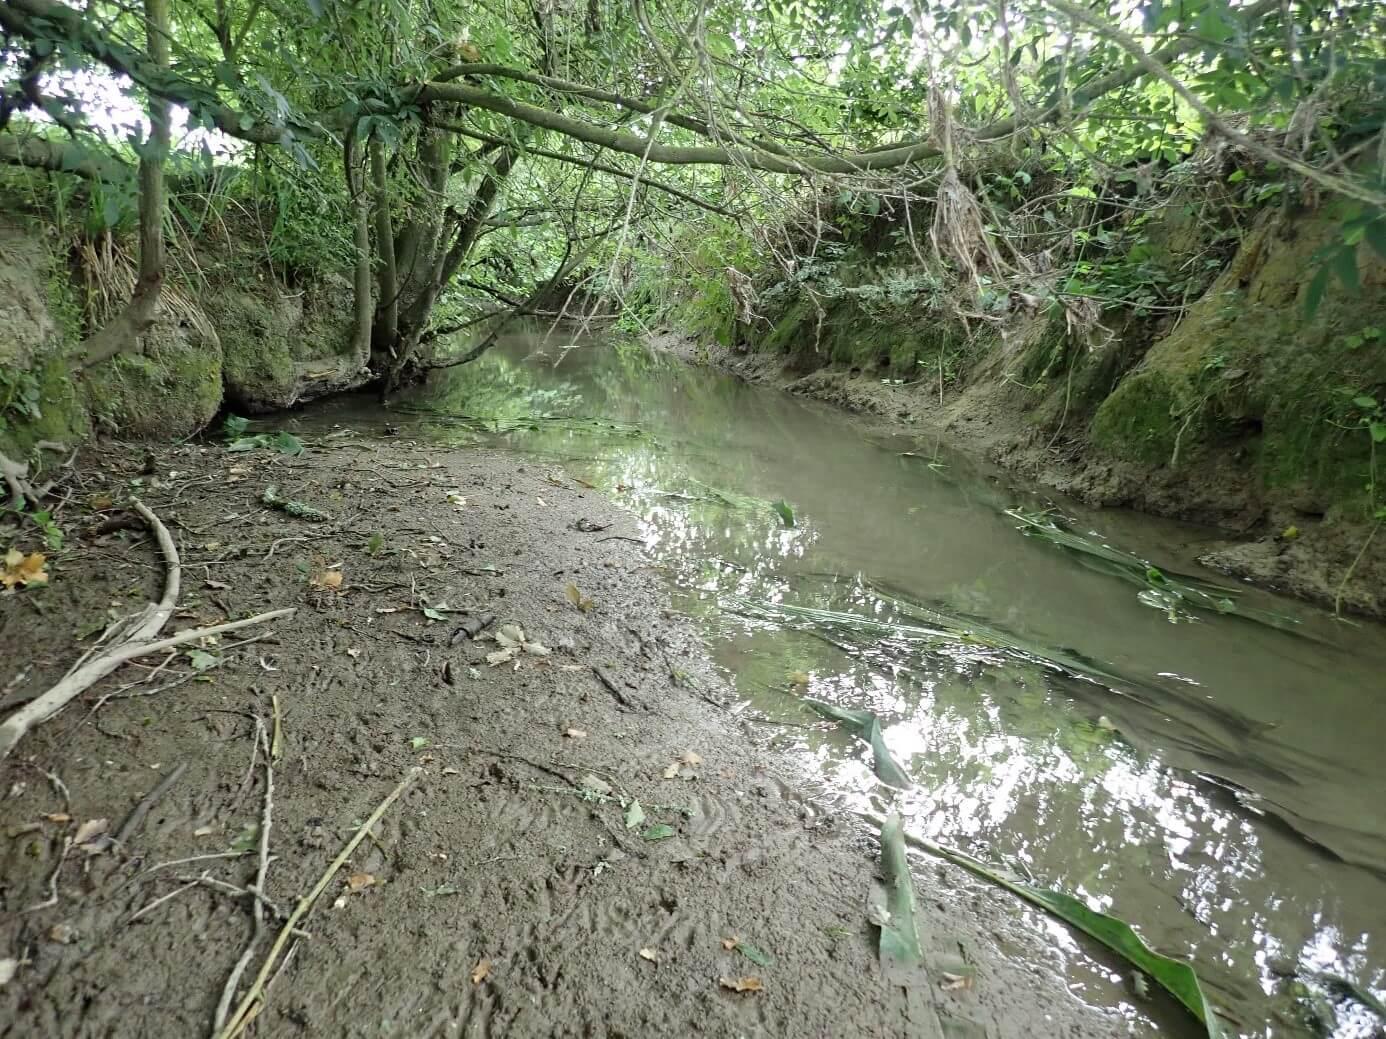 La Vignague à Sauveterre-de-Guyenne, un cours d'eau très dégradé qui montre une légère amélioration en 2019